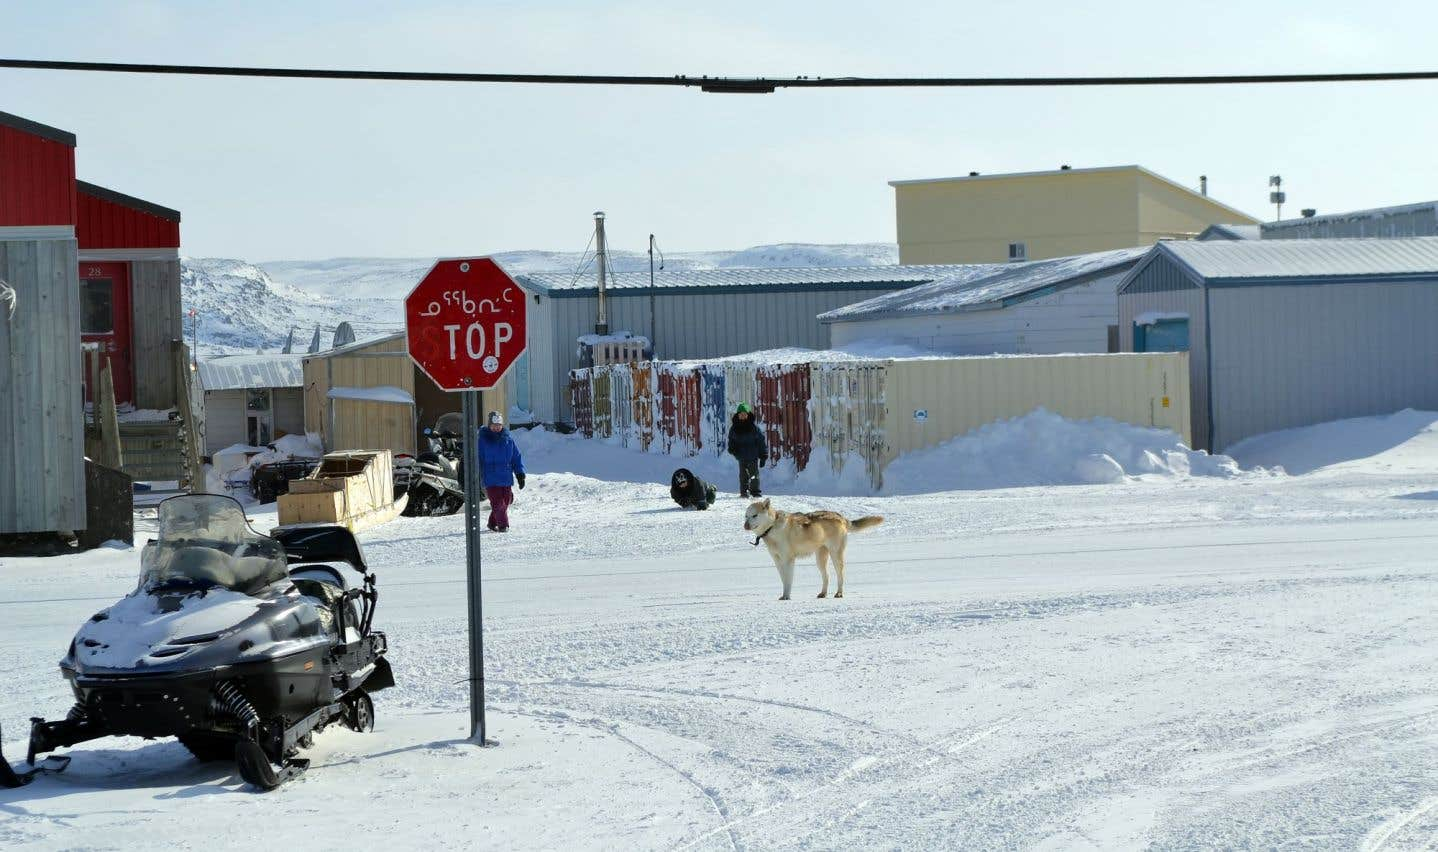 La progression de la maladie est sans aucun doute attribuable aux conditions de vie au Nunavik, explique la Dre Marie Rochette, spécialiste en santé publique dans cette région.